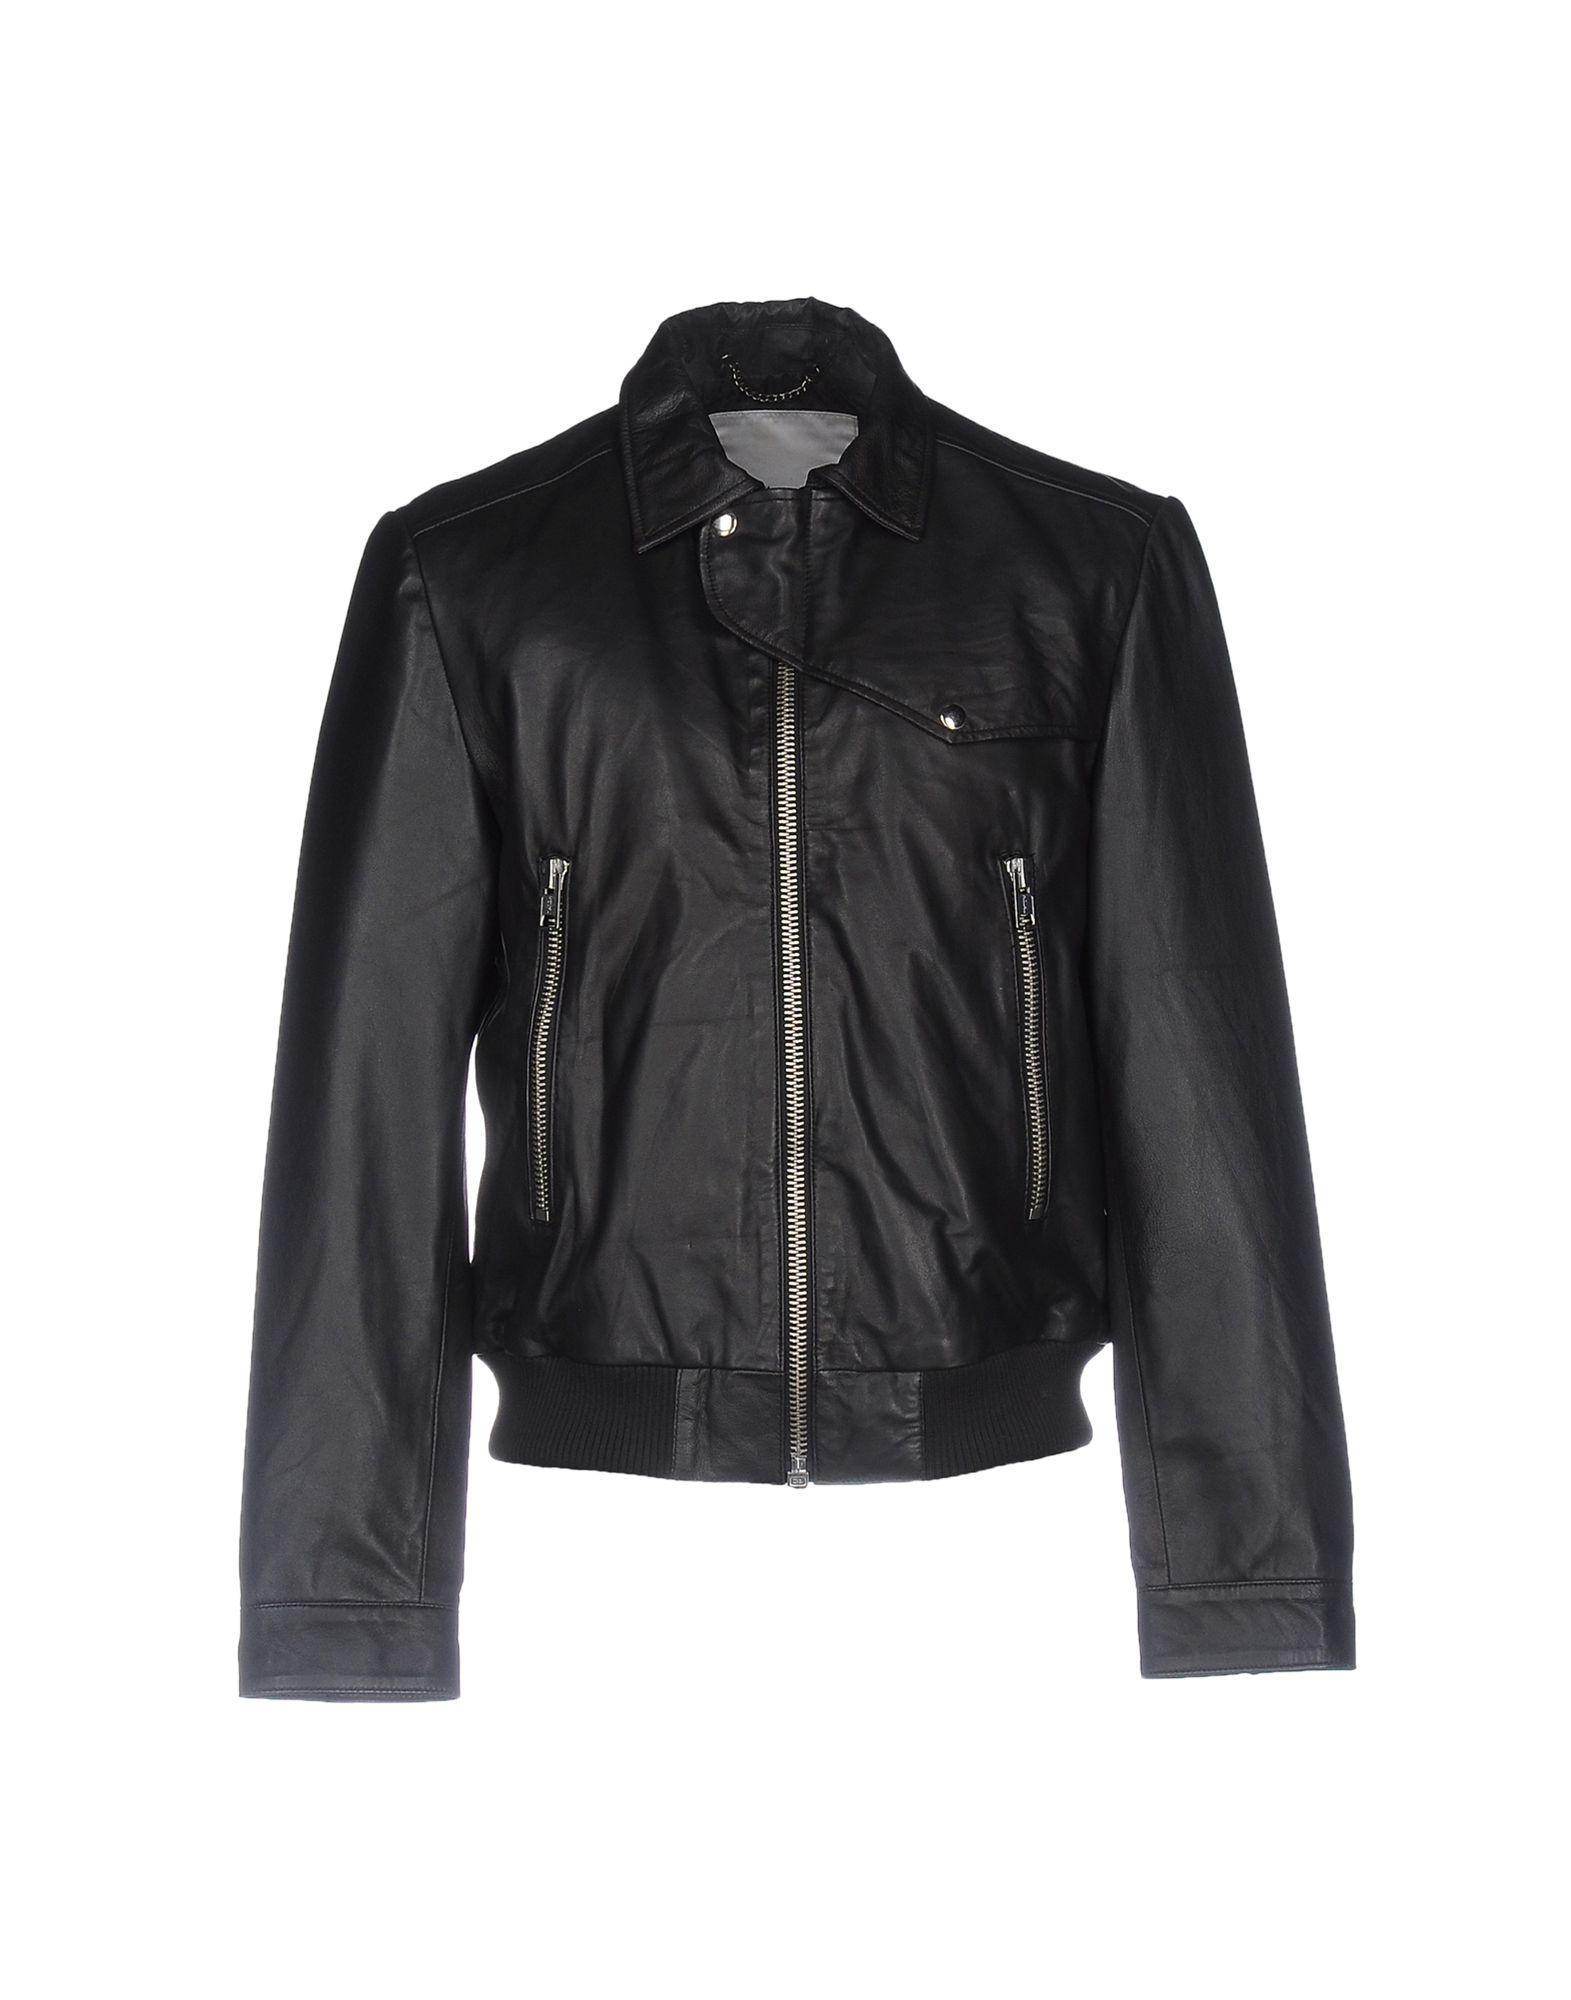 《送料無料》BOLONGARO TREVOR メンズ ブルゾン ブラック S 羊革(ラムスキン) 100%